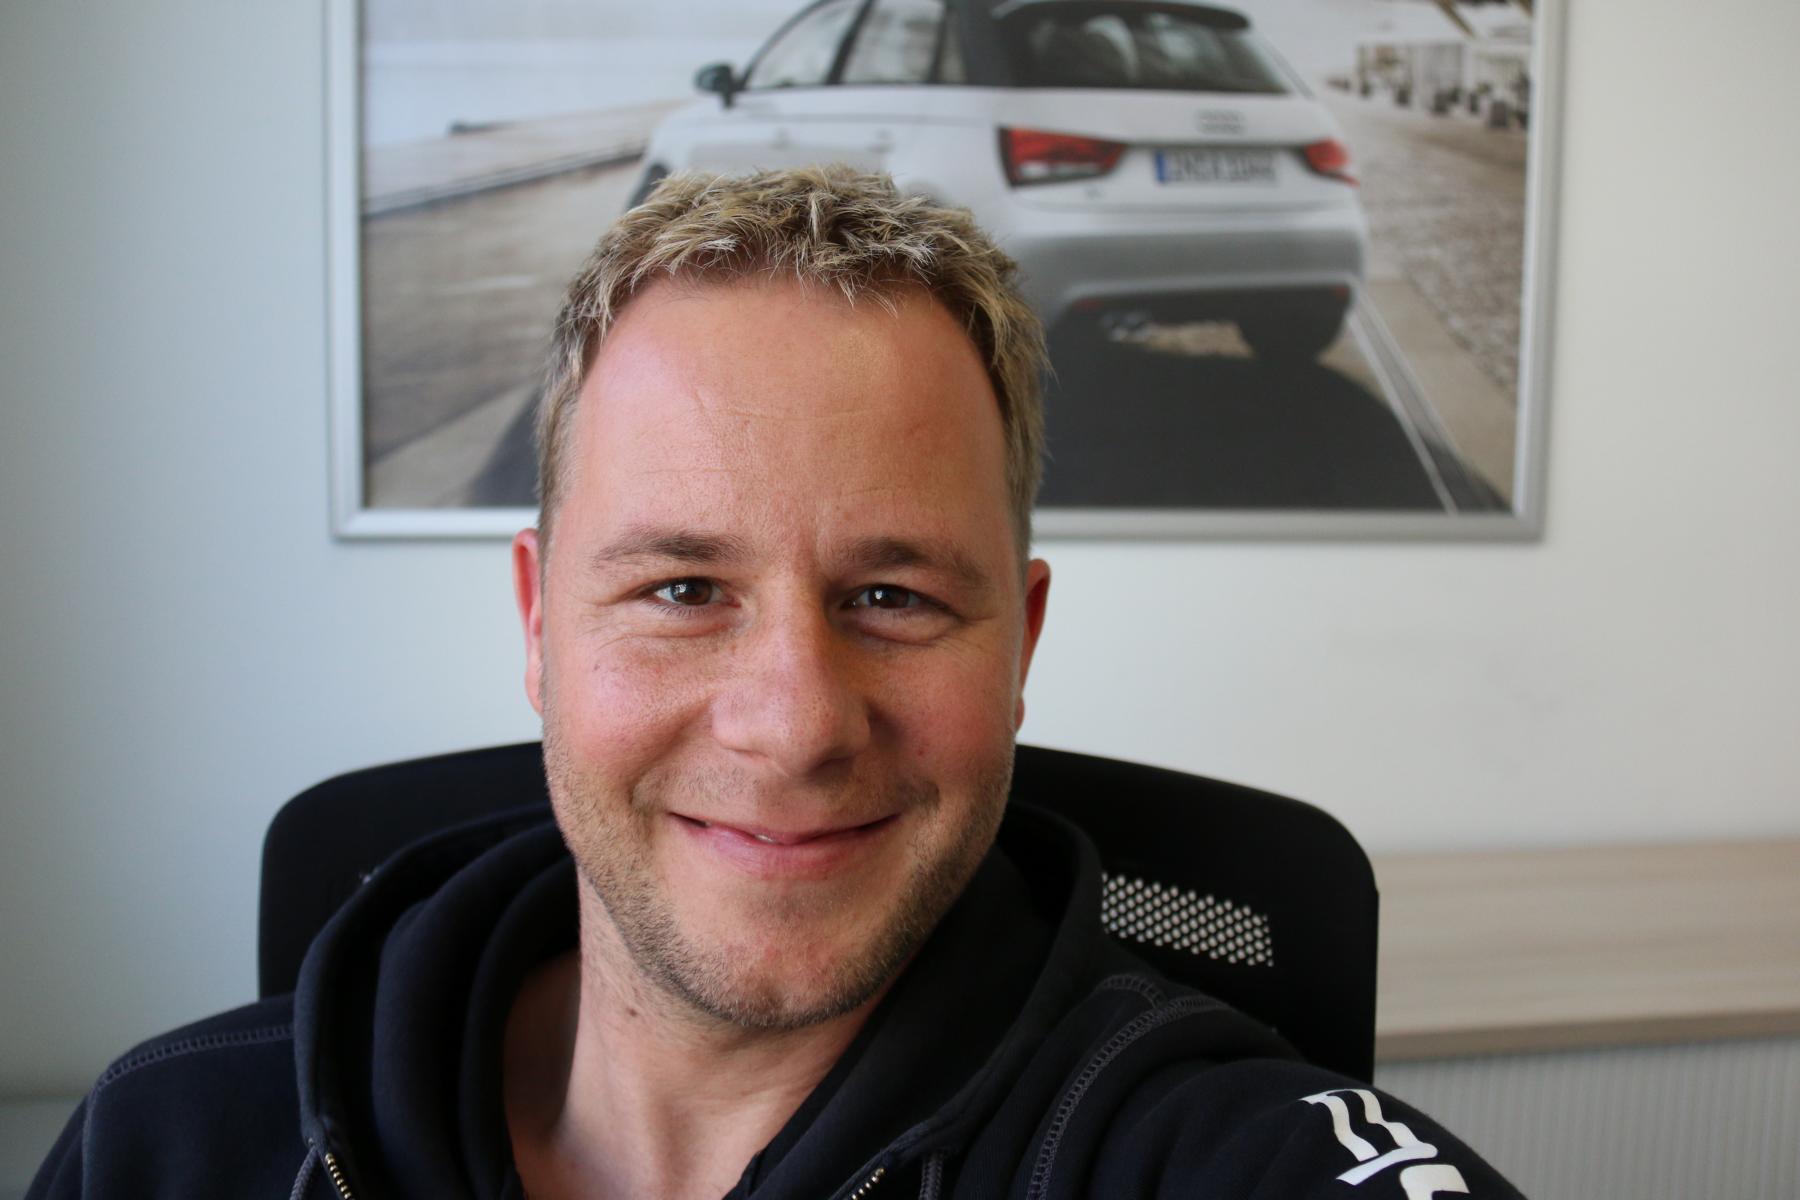 Adrian SchweizerJPG